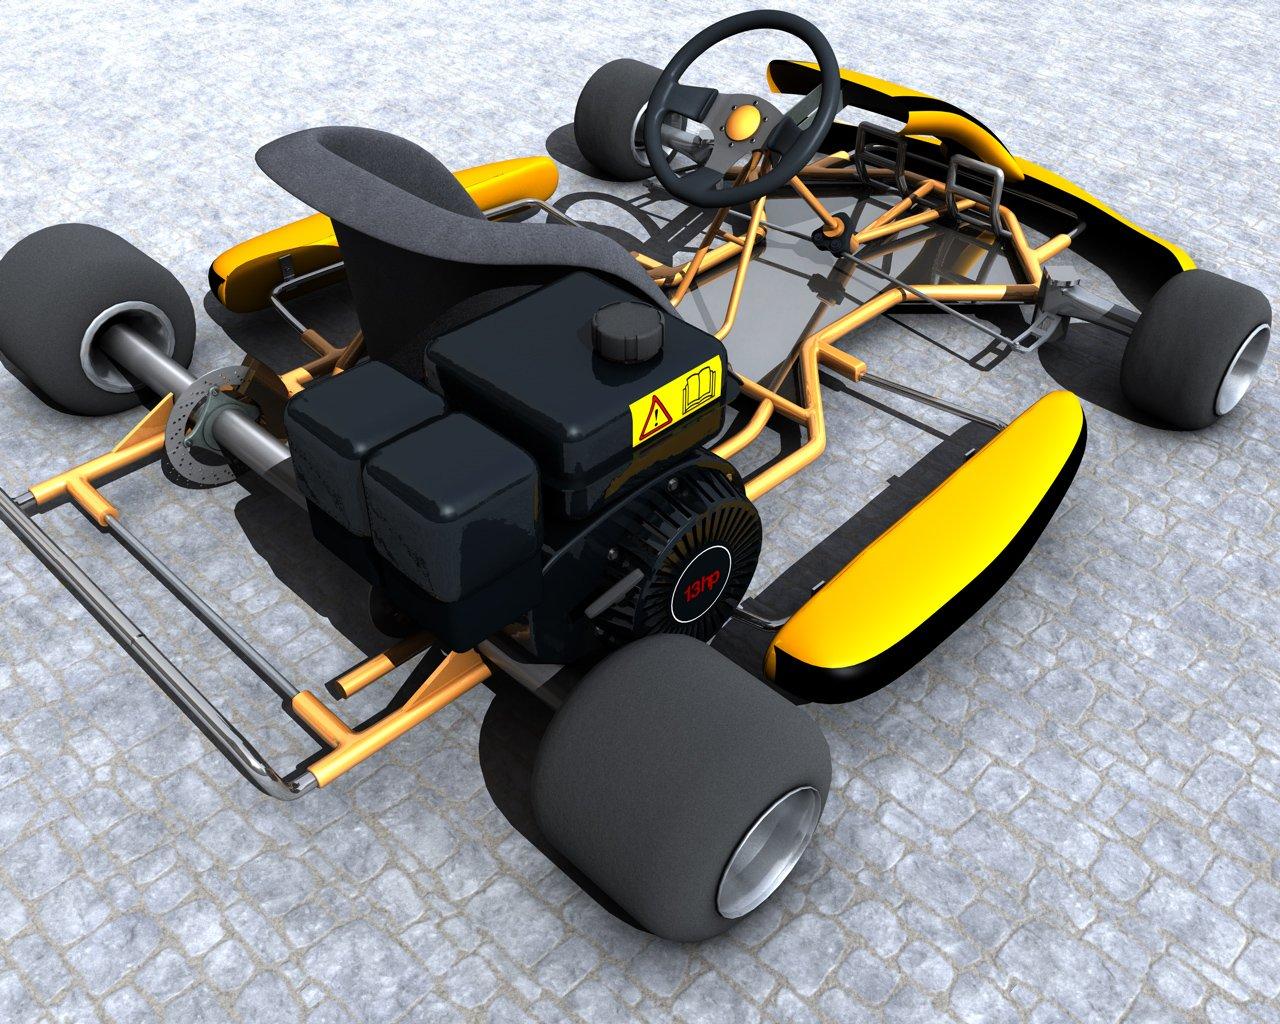 Racing Go Kart 3d Model In Cart 3dexport